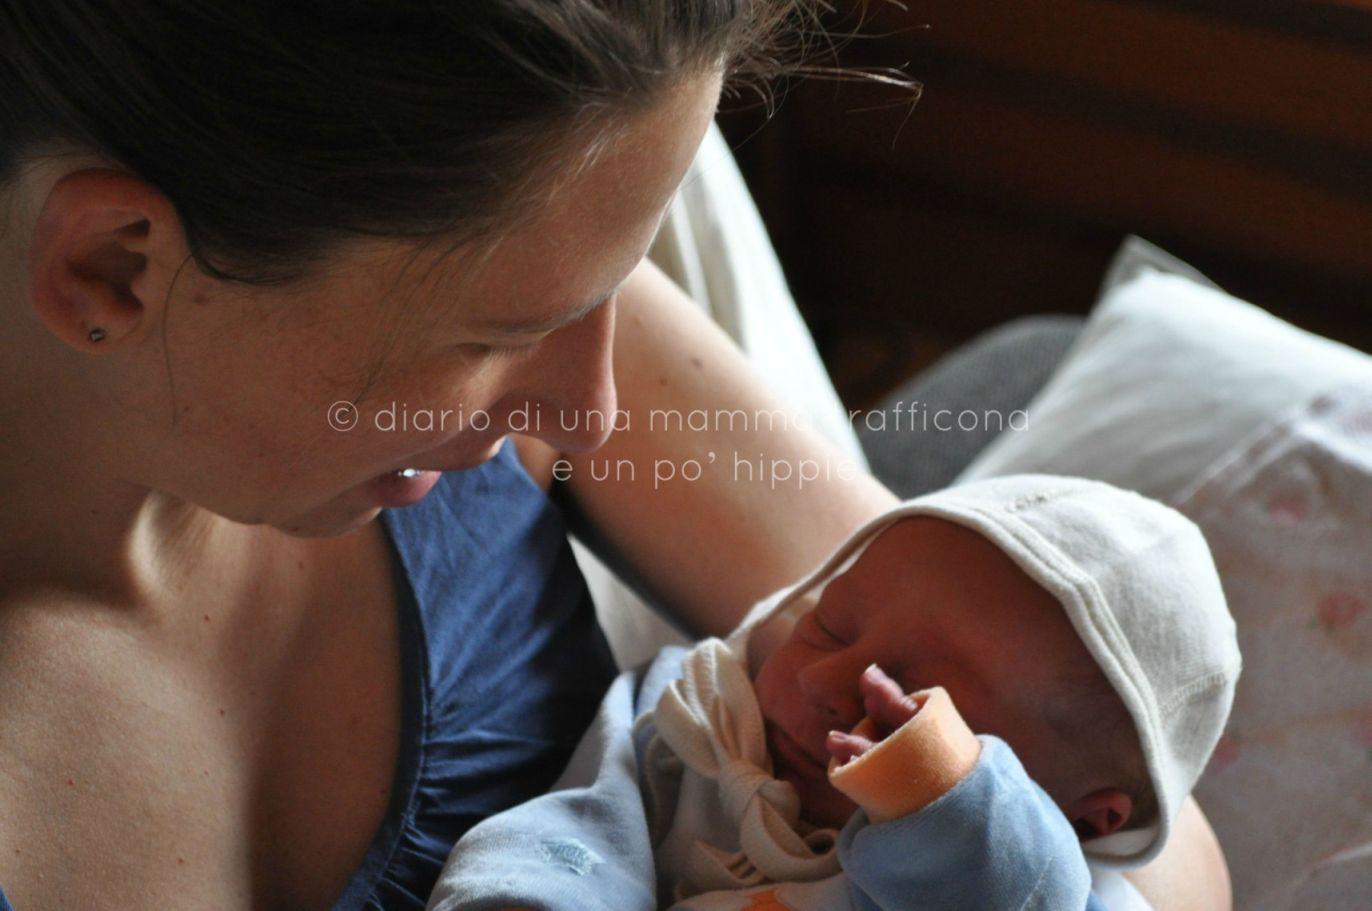 Vasca Da Parto Gonfiabile : Mammatrafficona: paure pensieri e gioie di un parto in casa visto